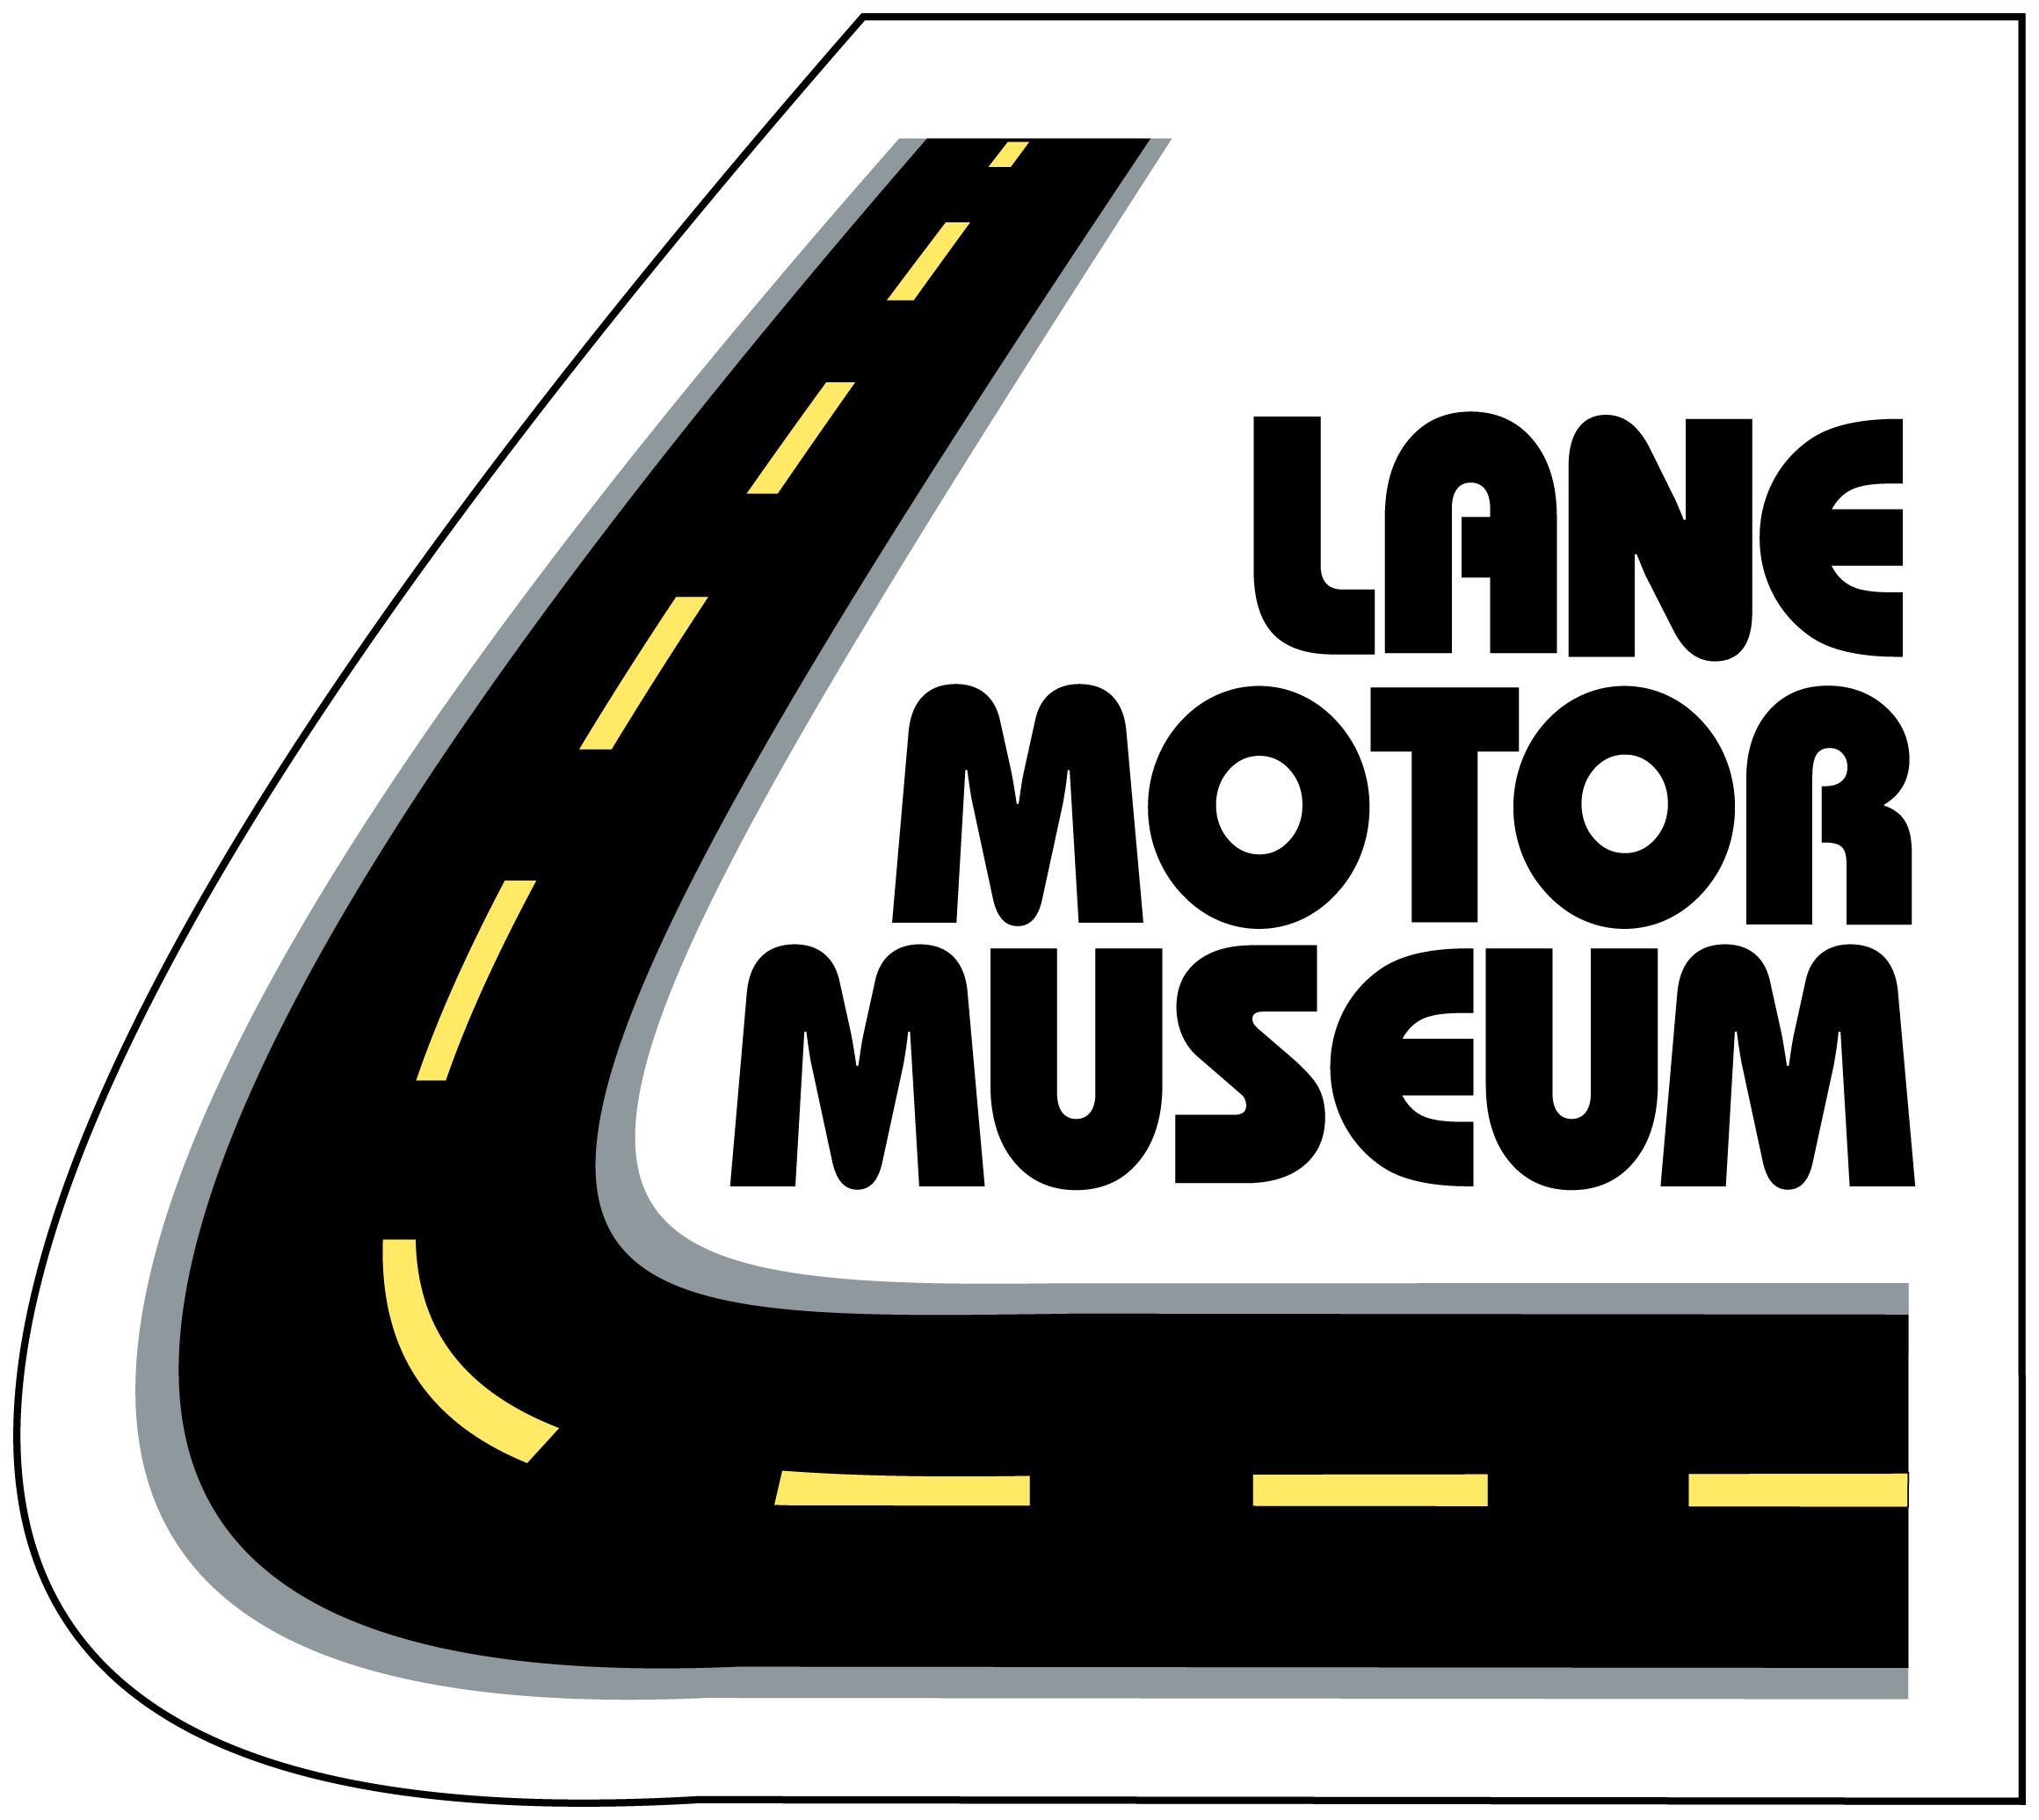 Lane Motor Museum Marketing Director Brass Advertising